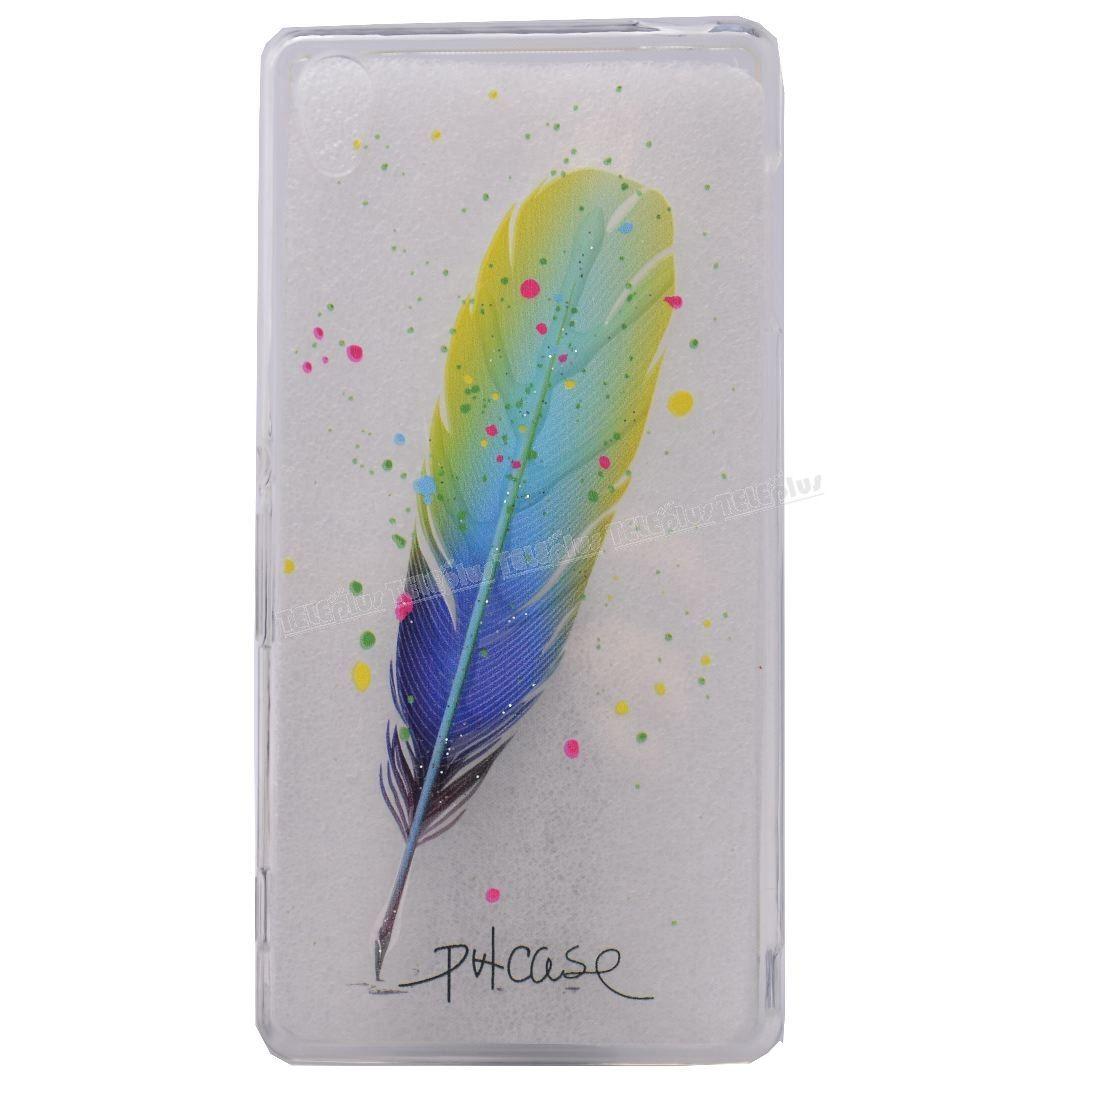 Sony Xperia Z3 Tüy Desenli Silikon Kılıf 2 -  - Price : TL15.90. Buy now at http://www.teleplus.com.tr/index.php/sony-xperia-z3-tuy-desenli-silikon-kilif-2.html